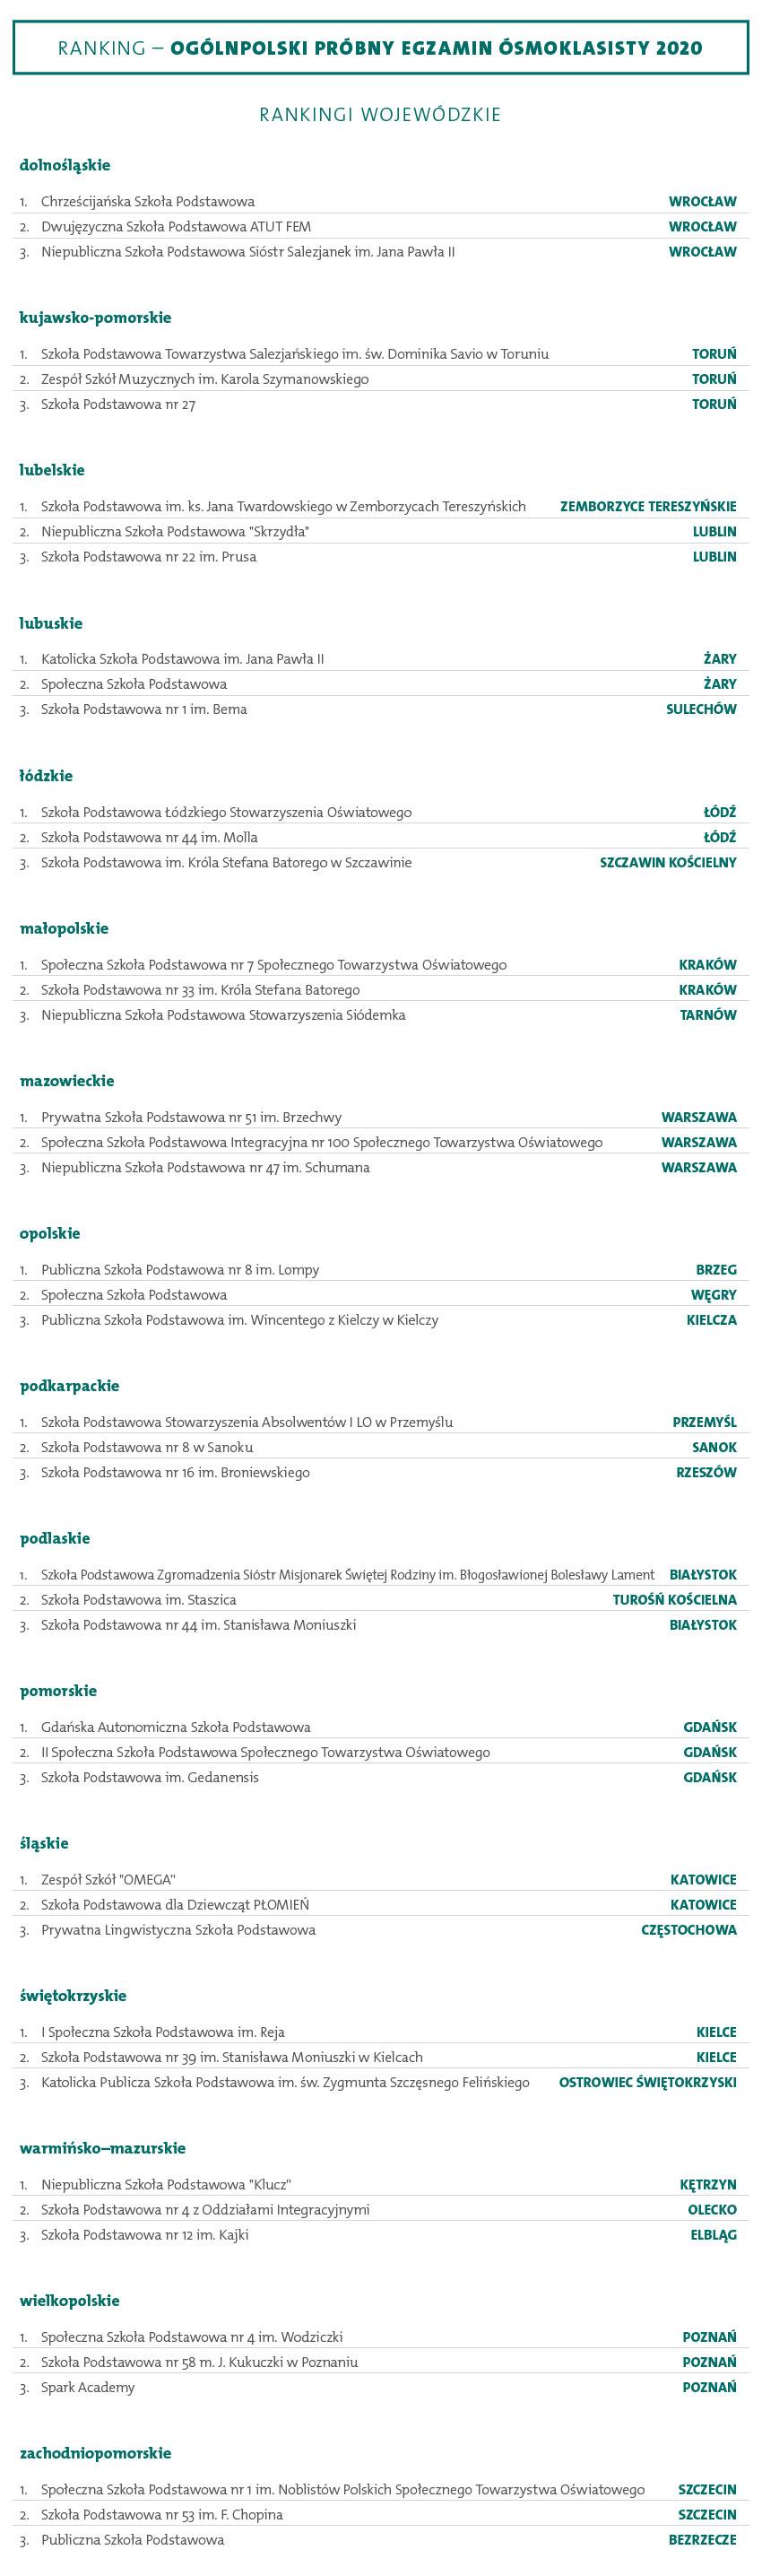 ranking wojewodzki najlepszych szkol egzamin osmoklasisty 2020